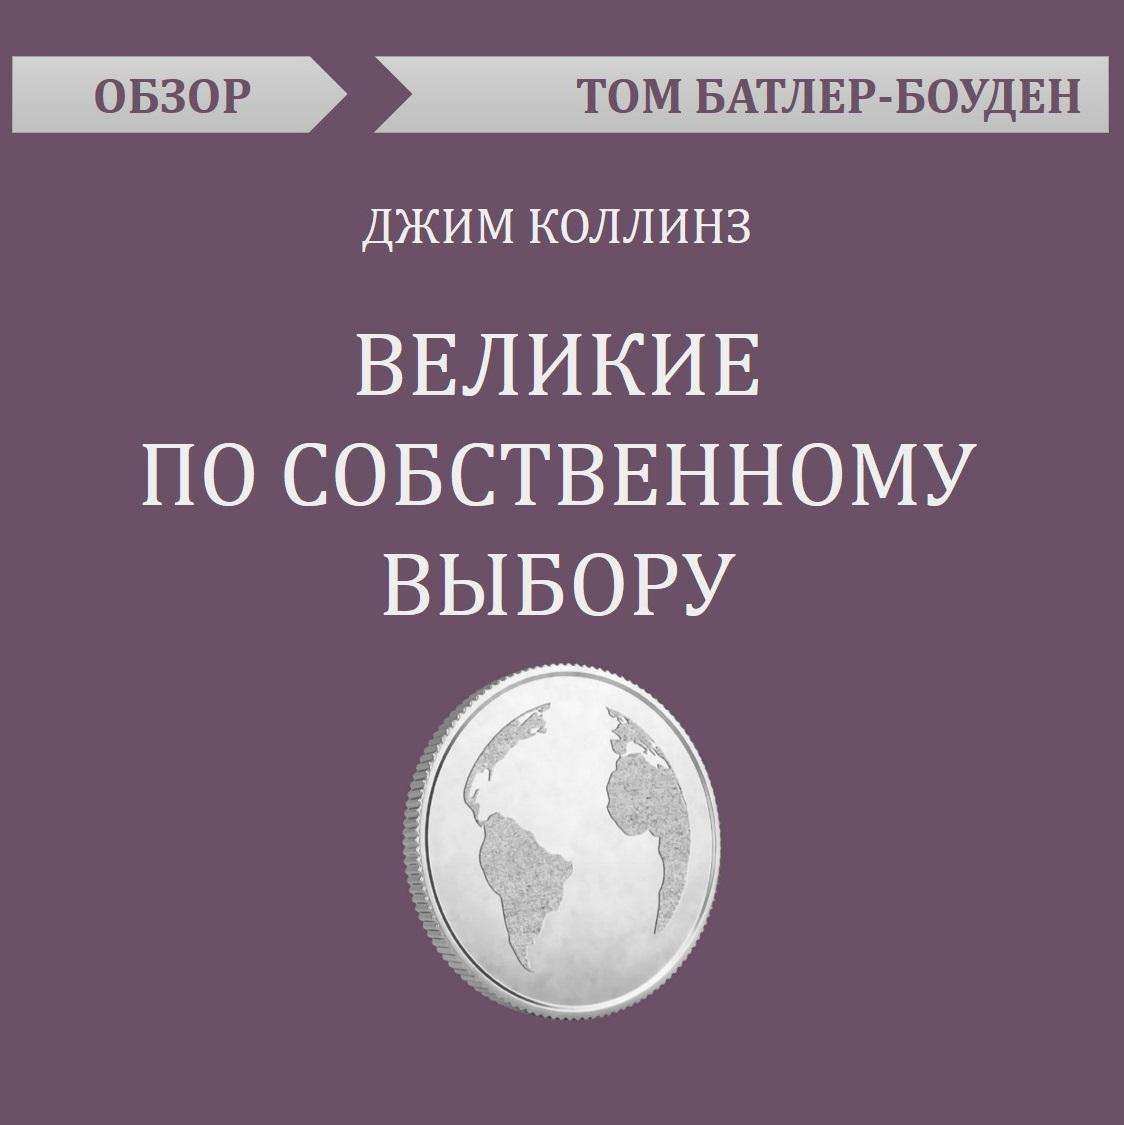 Купить книгу Великие по собственному выбору. Джим Коллинз (обзор), автора Тома Батлера-Боудона